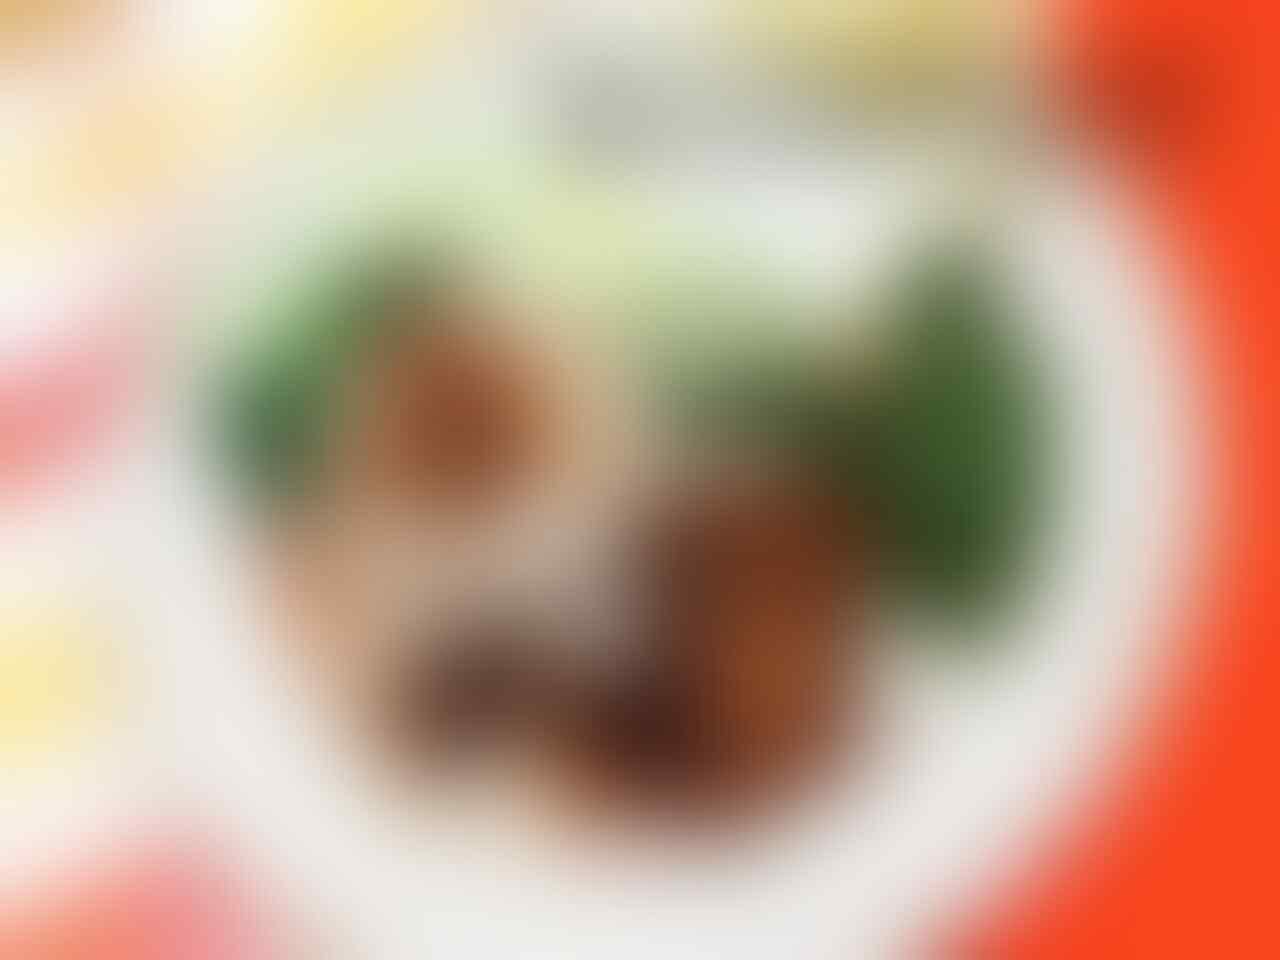 [COC Regional: Makanan Tradisional] Bosen Sama Nasi Putih? Cobain Nasi Tutug Oncom